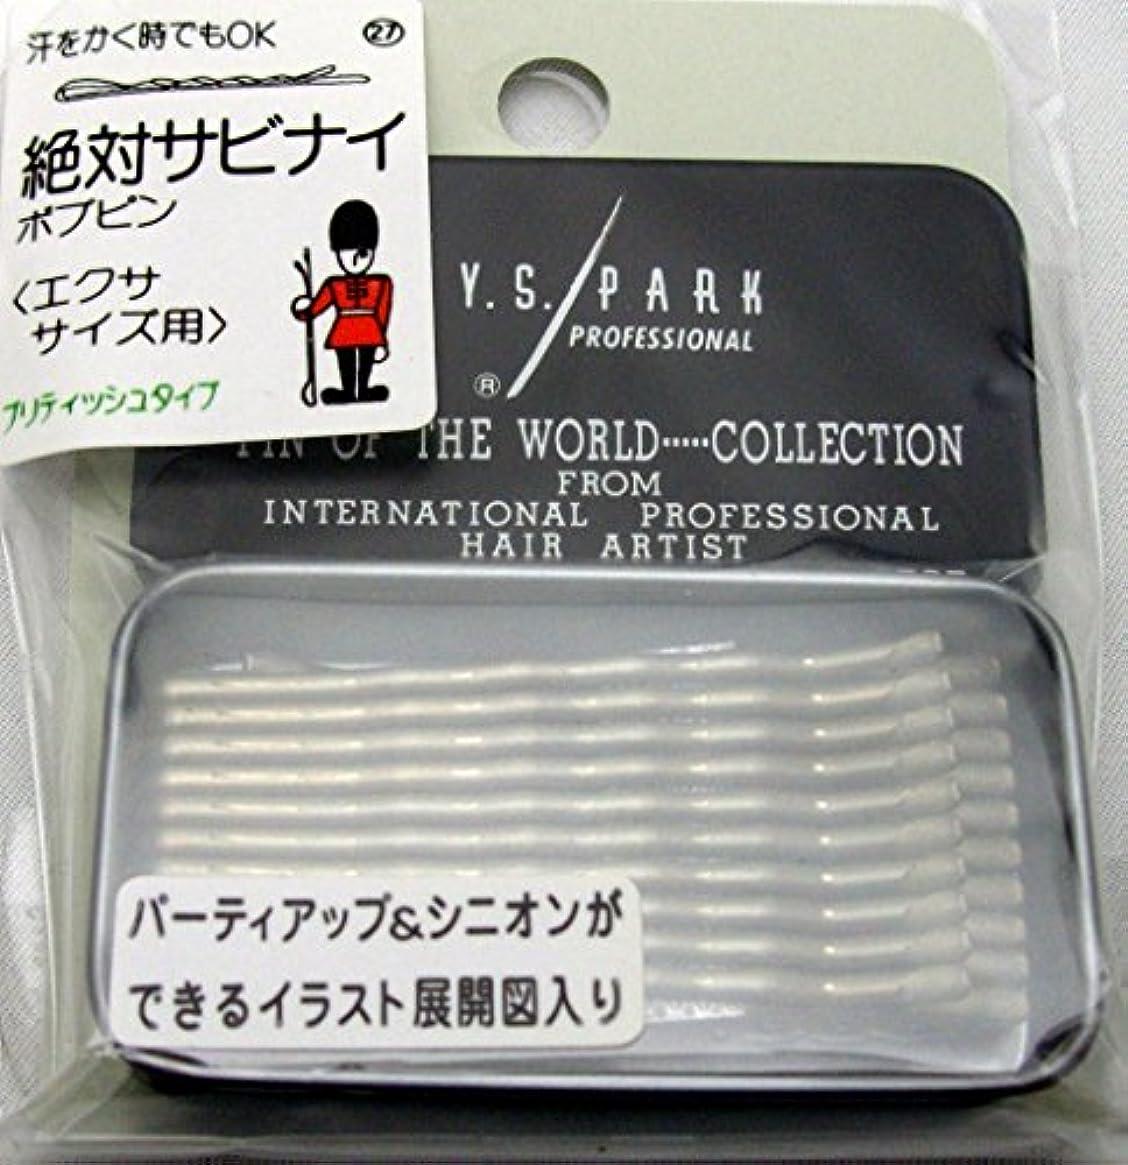 オーガニック素人警察Y.S.PARK 世界のヘアピンコレクションNo.27(エクササイズ用)ステンレス製(シルバー)20P